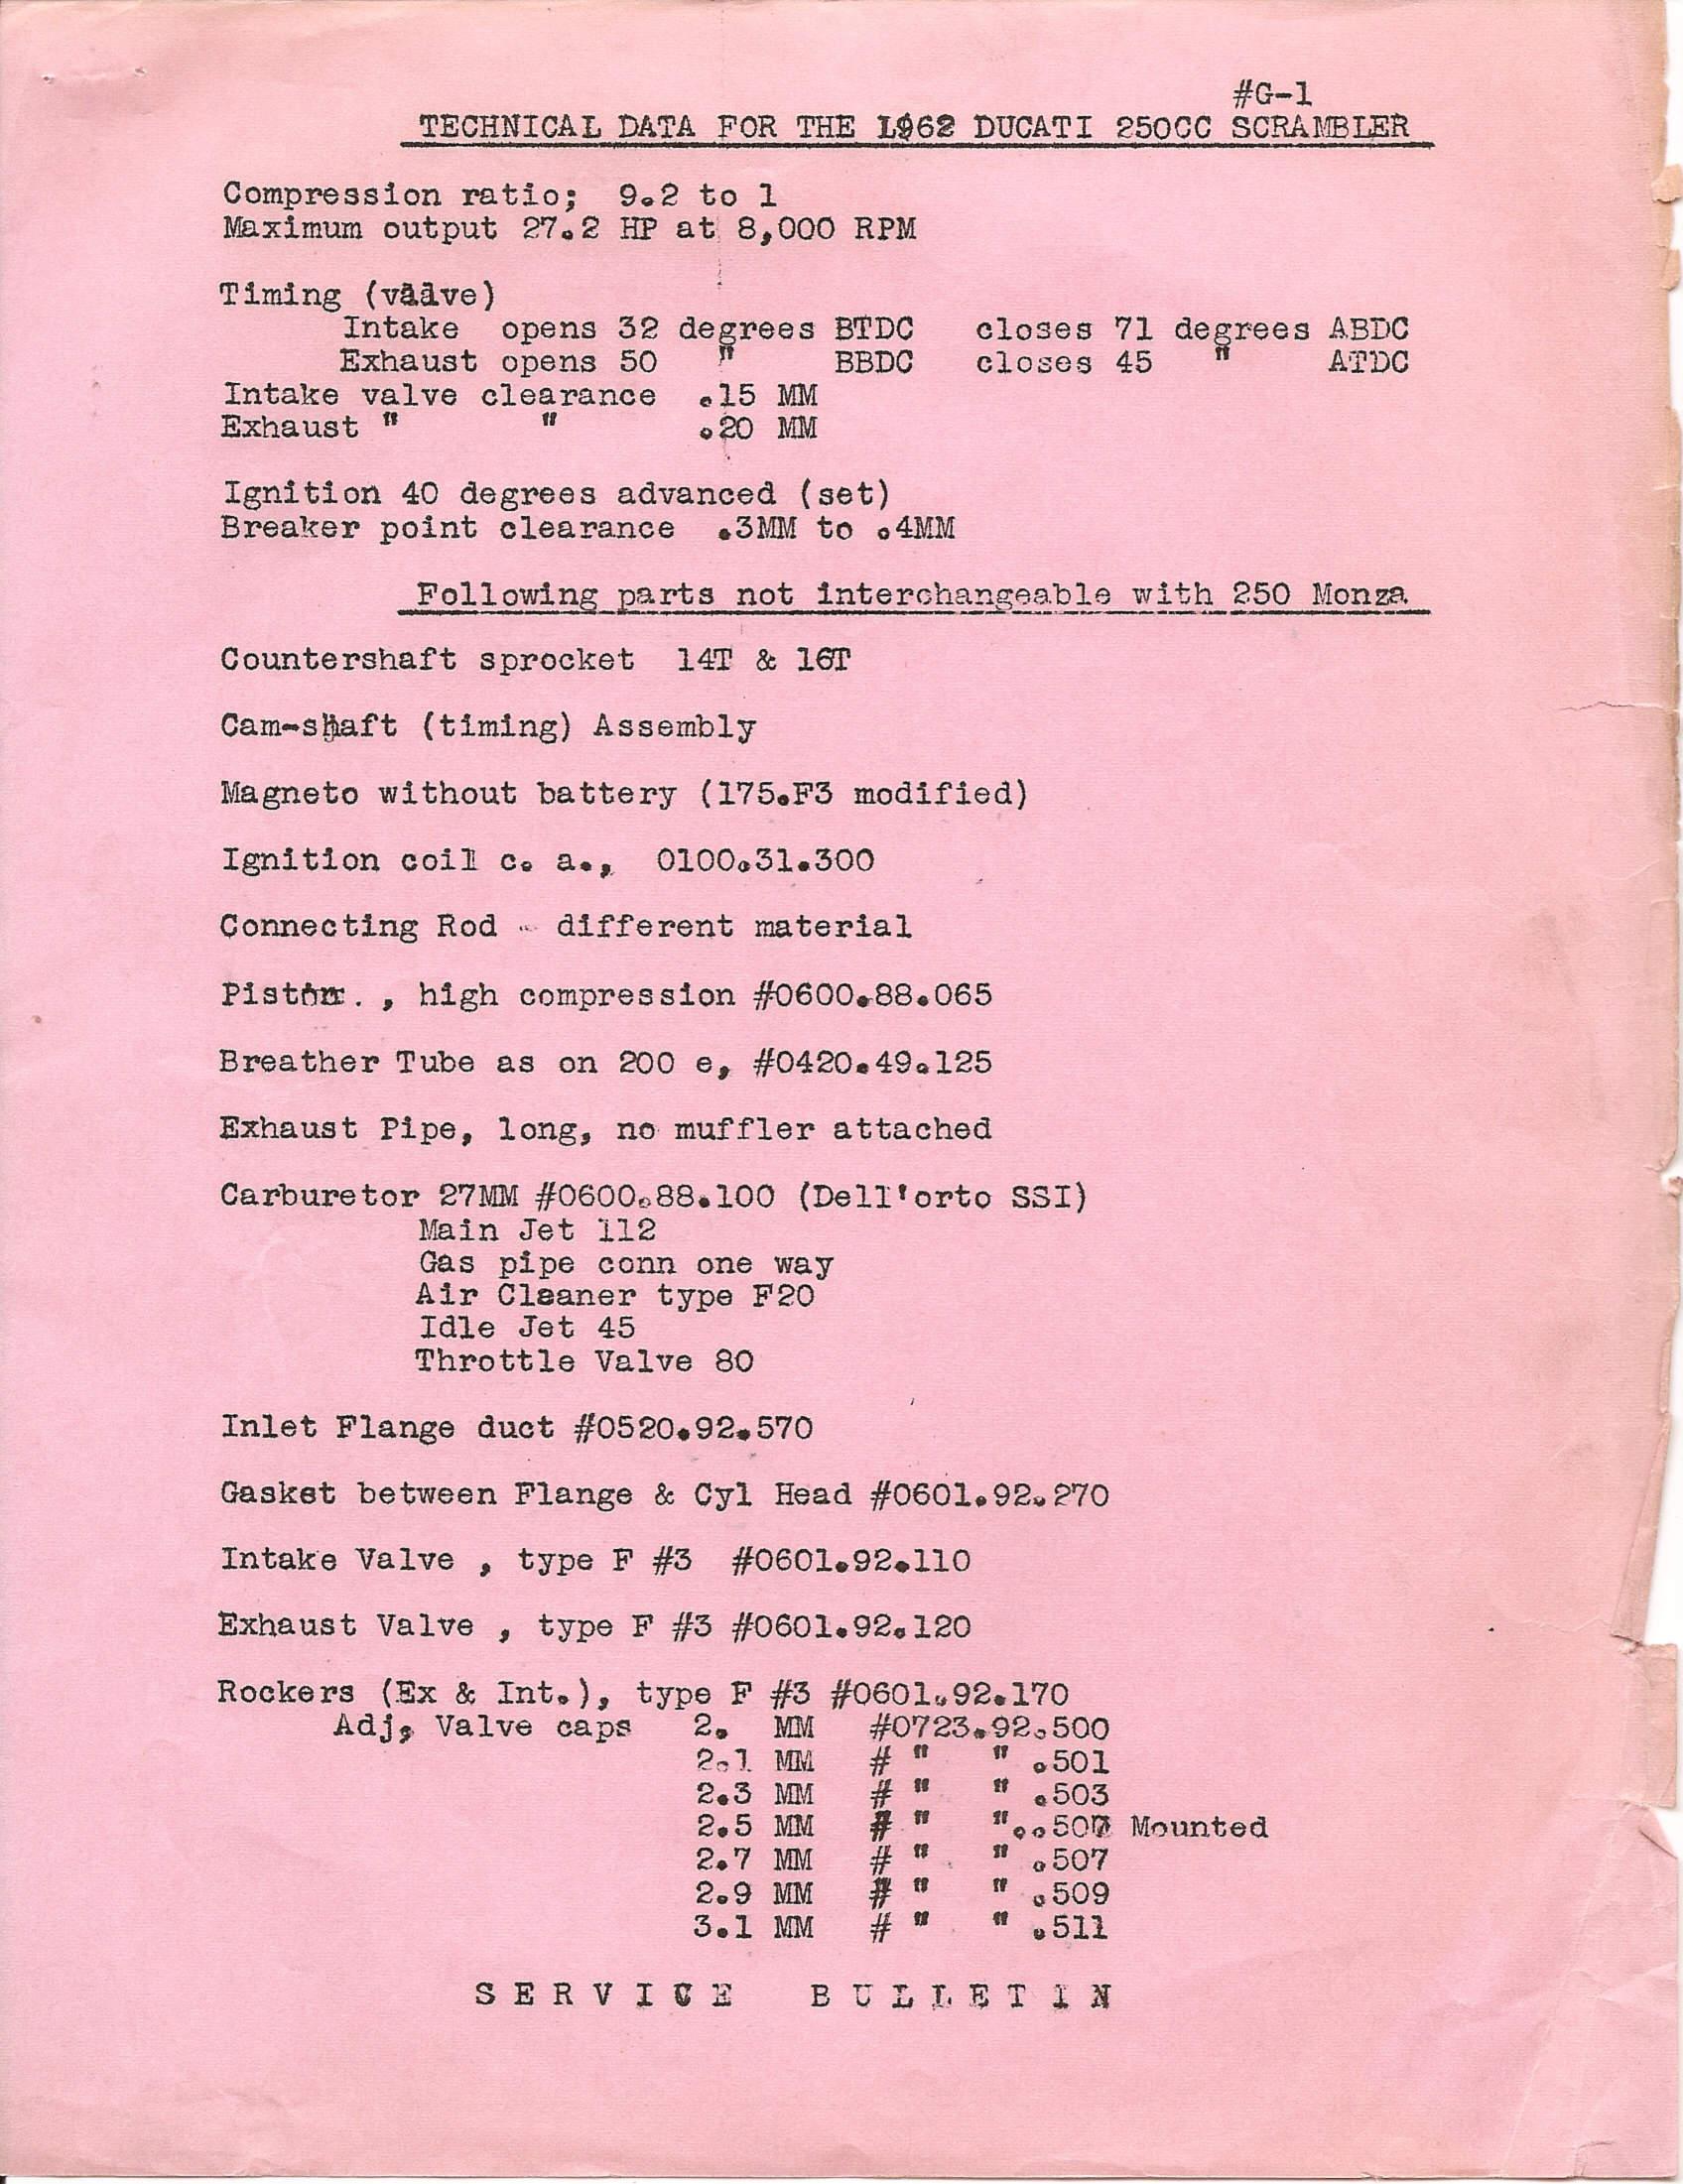 ducati 250 mark 3 desmo 1967 1970 service repair manual pdf